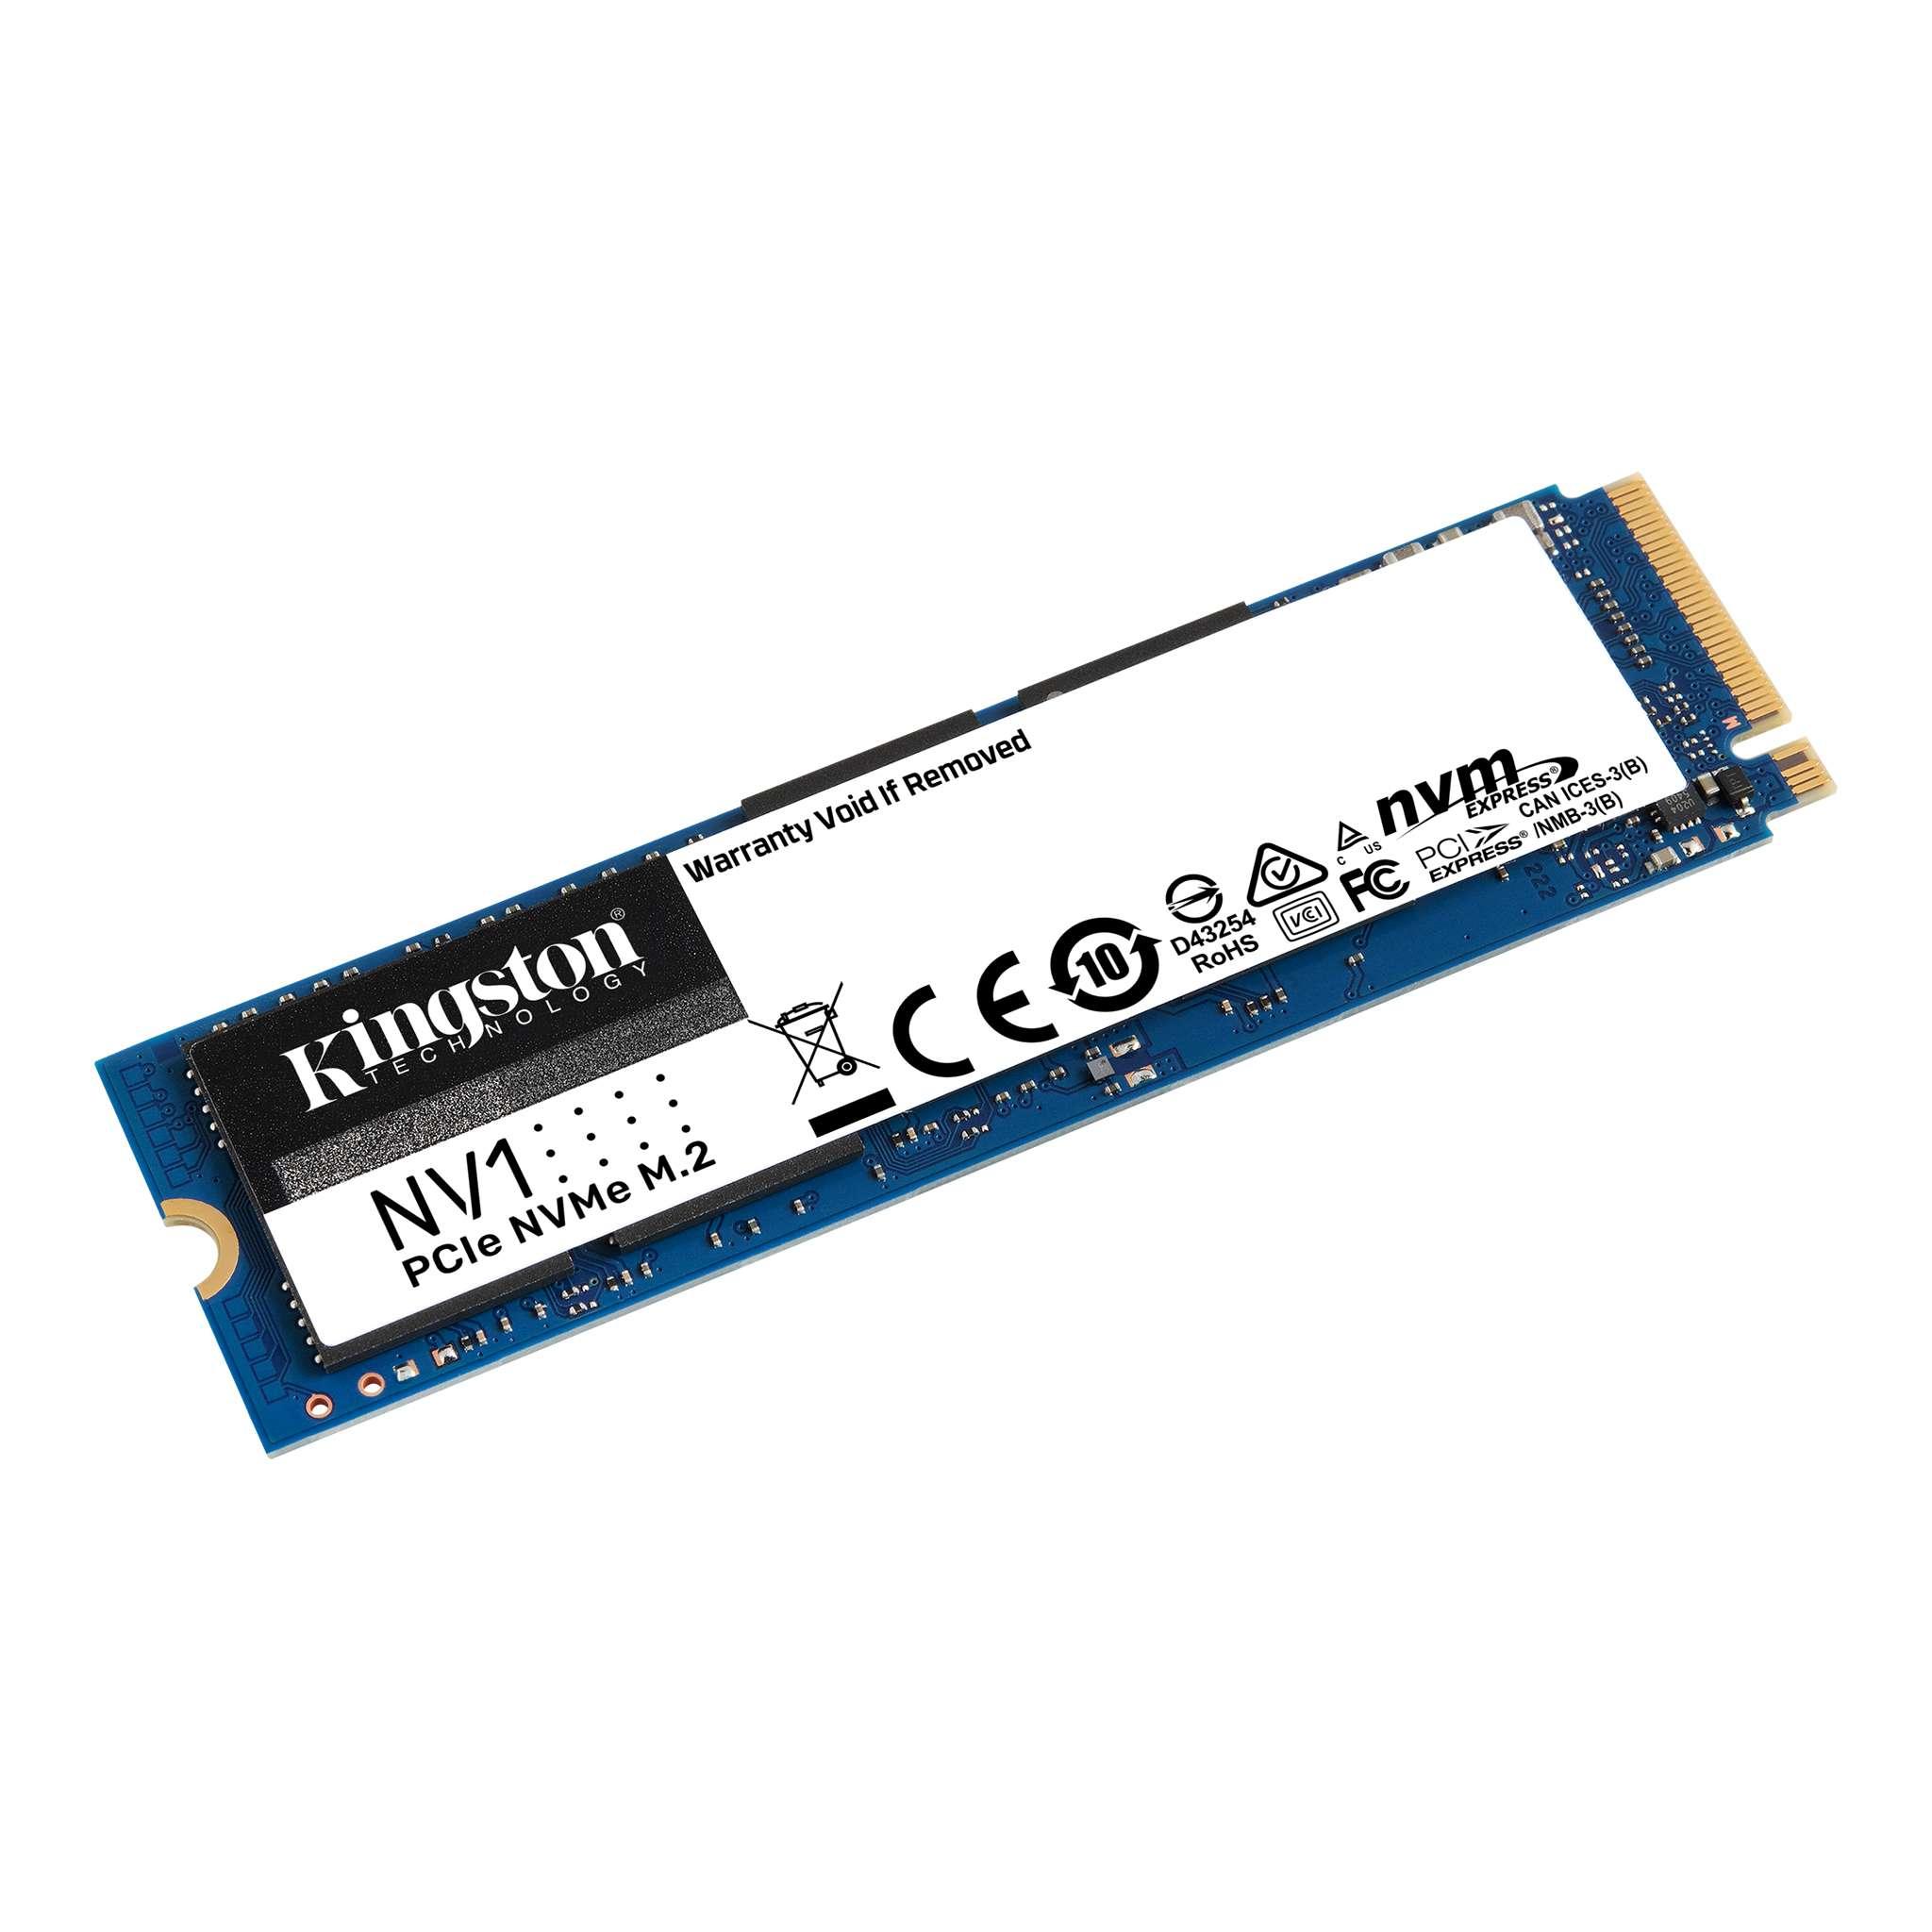 Kingston 500 GB SSD - intern - M.2 2280 - PCI Express 3.0 x4 (NVMe)